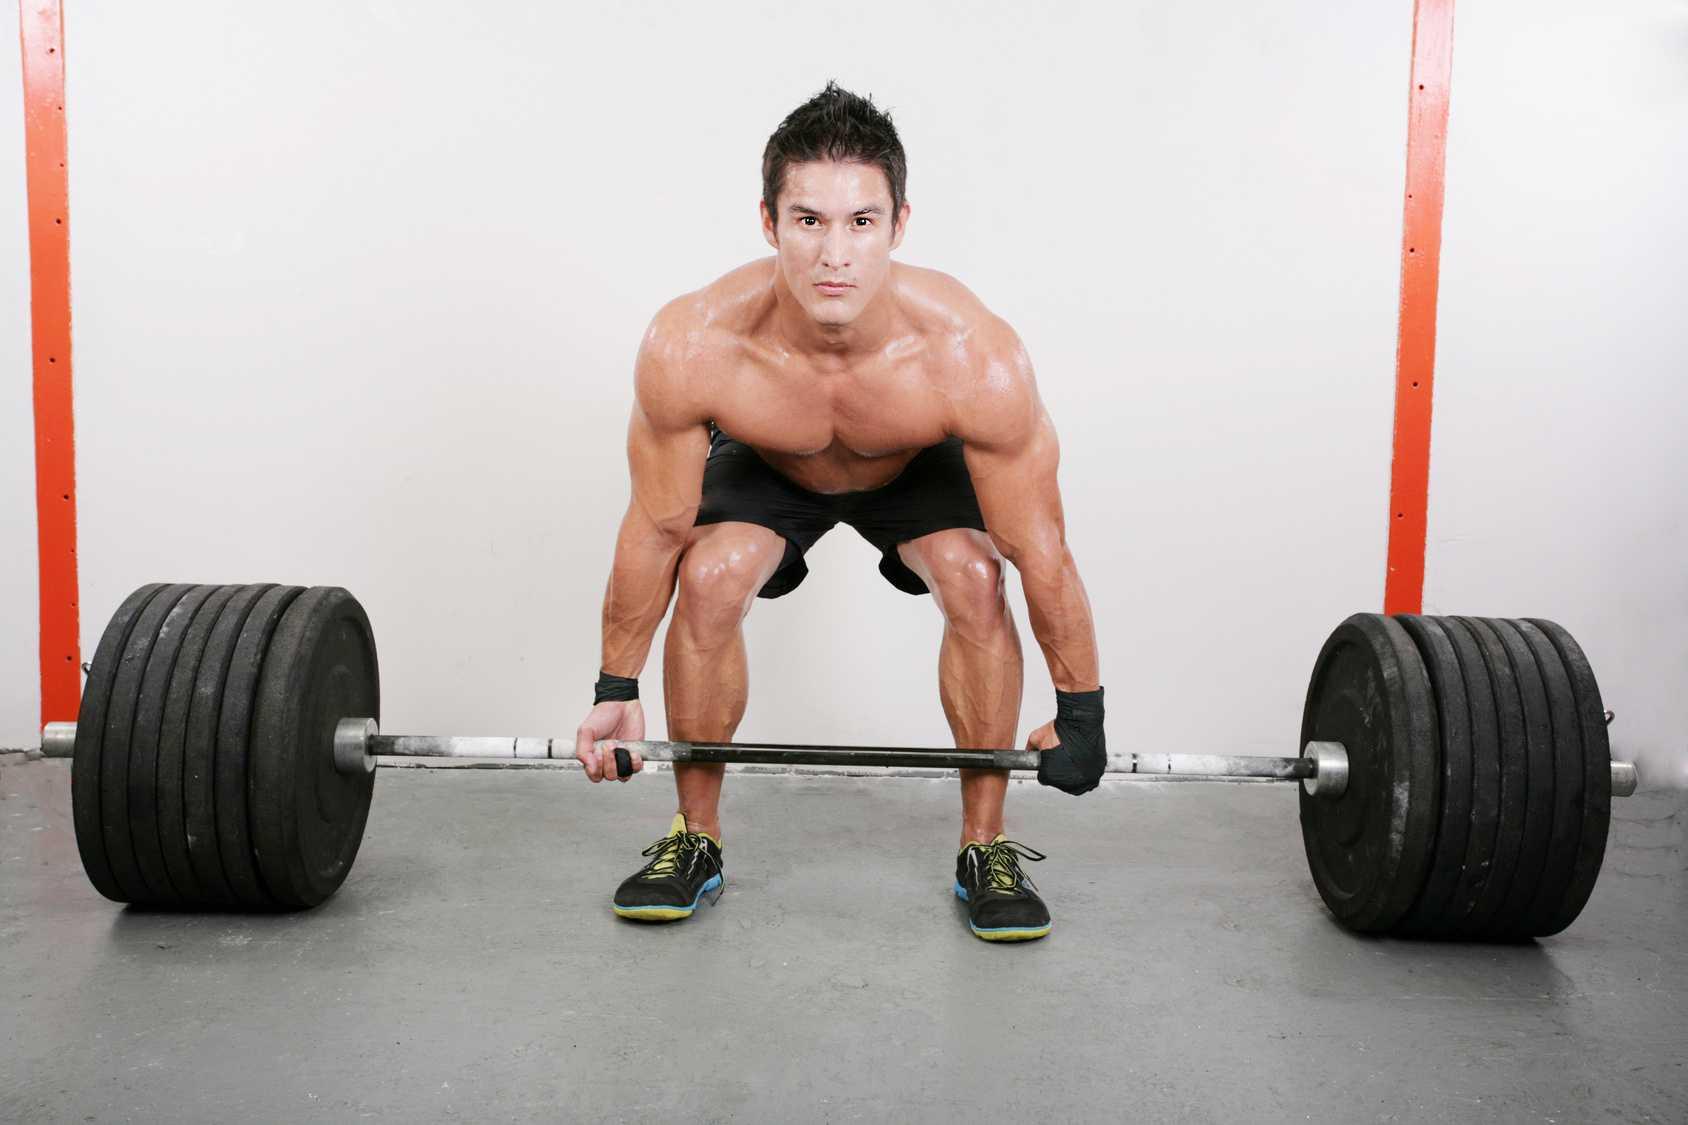 Muskulöser Mann macht eine der Grundübungen mit 200 kg (Kreuzheben)